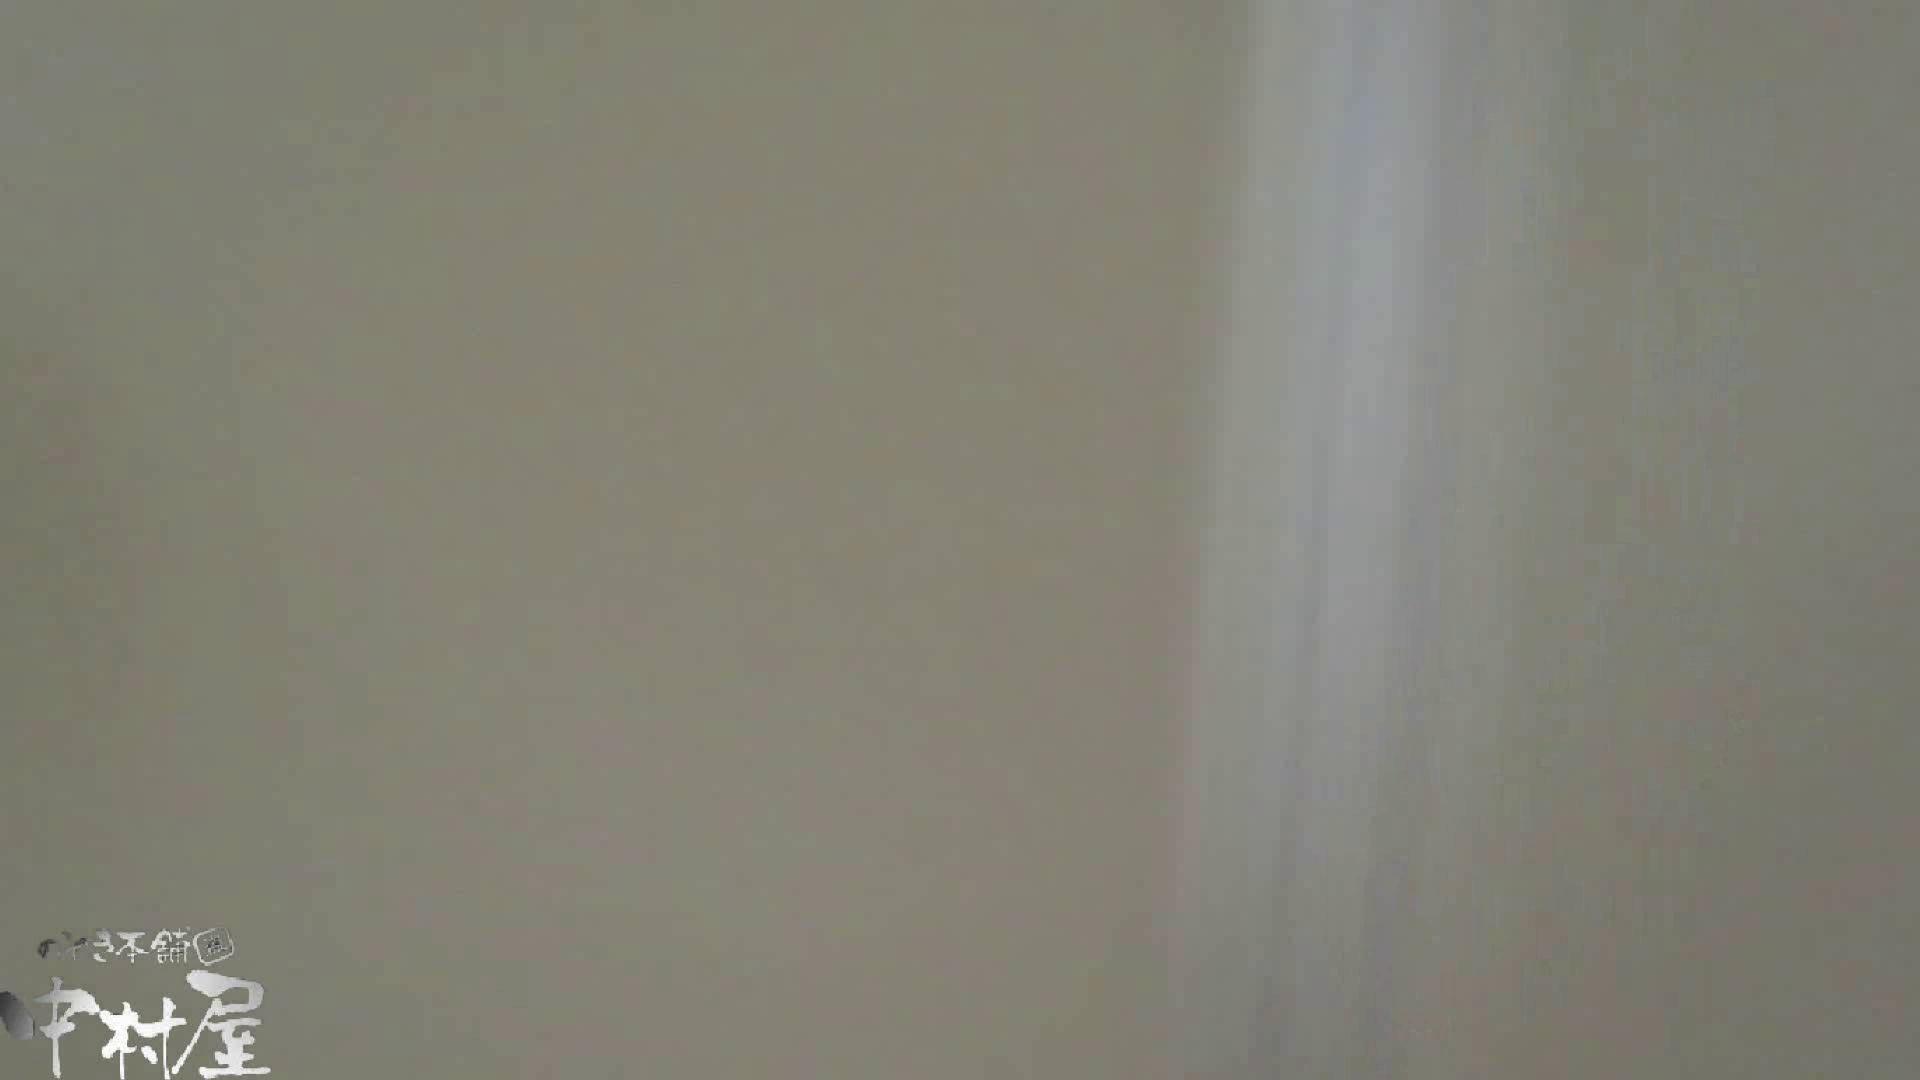 魂のかわや盗撮62連発! ドデカイ空爆! 14発目! 盗撮シリーズ | 黄金水  92PIX 49